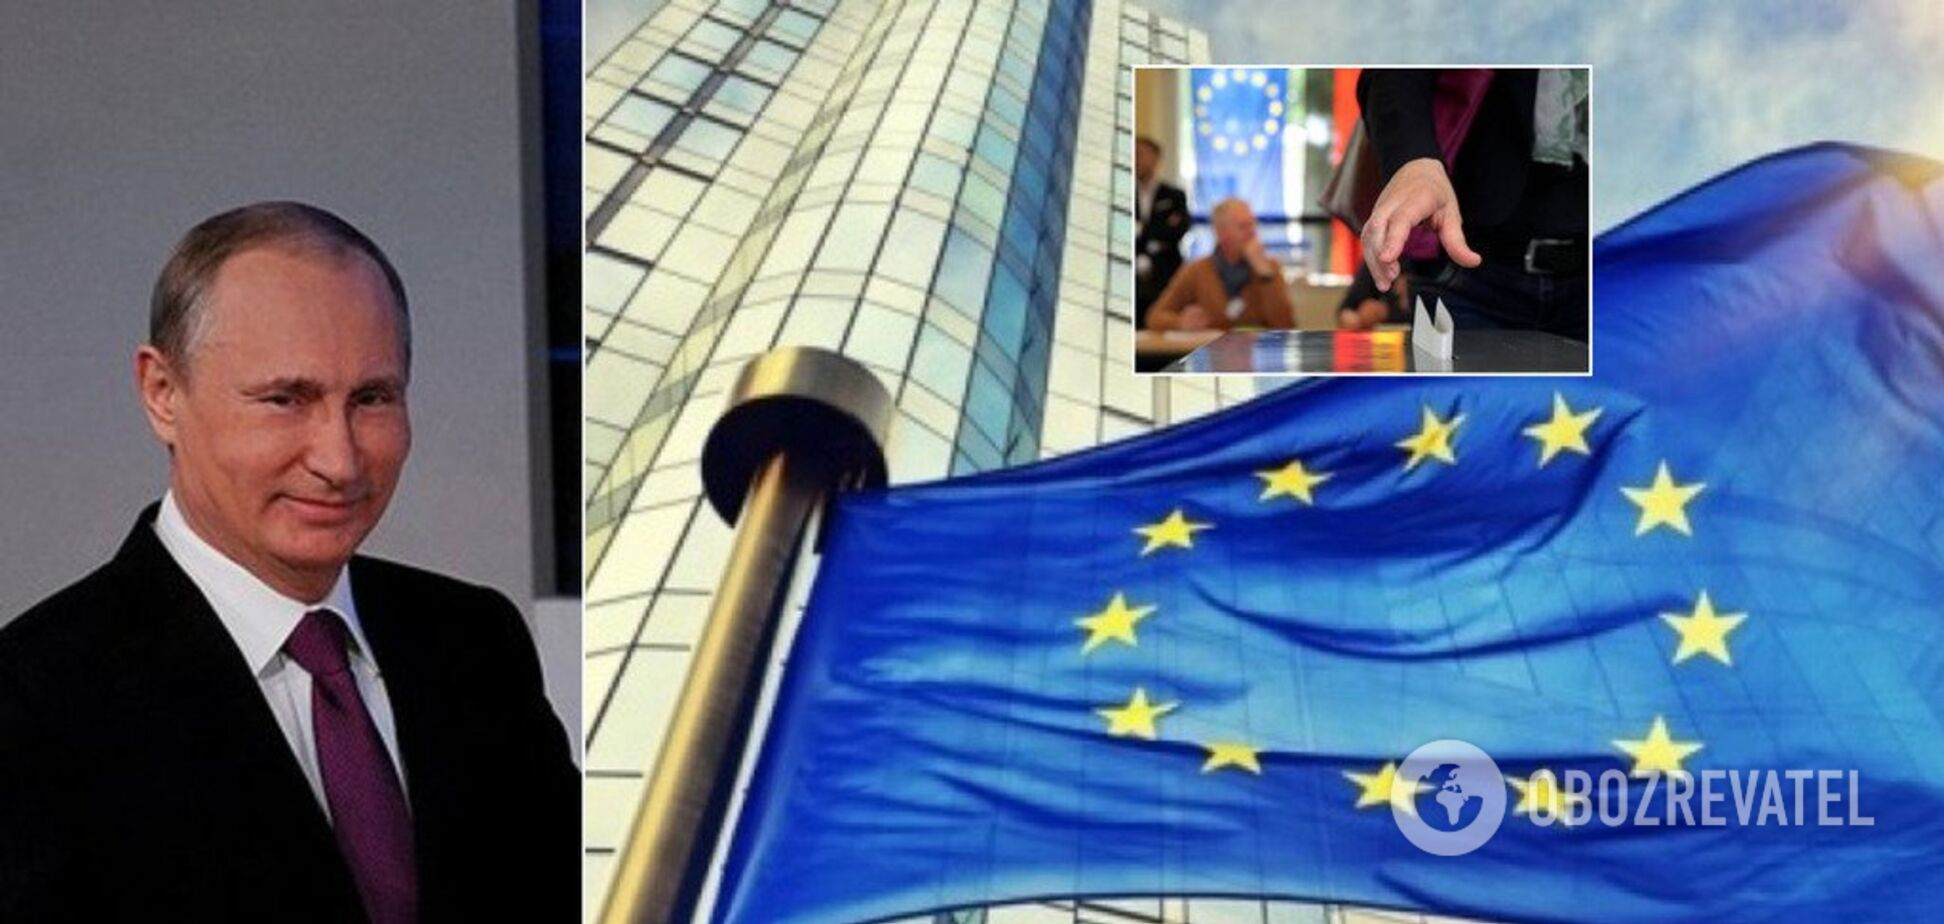 'Небезпечні' результати виборів до Європарламенту: скільки набрали 'друзі Путіна'